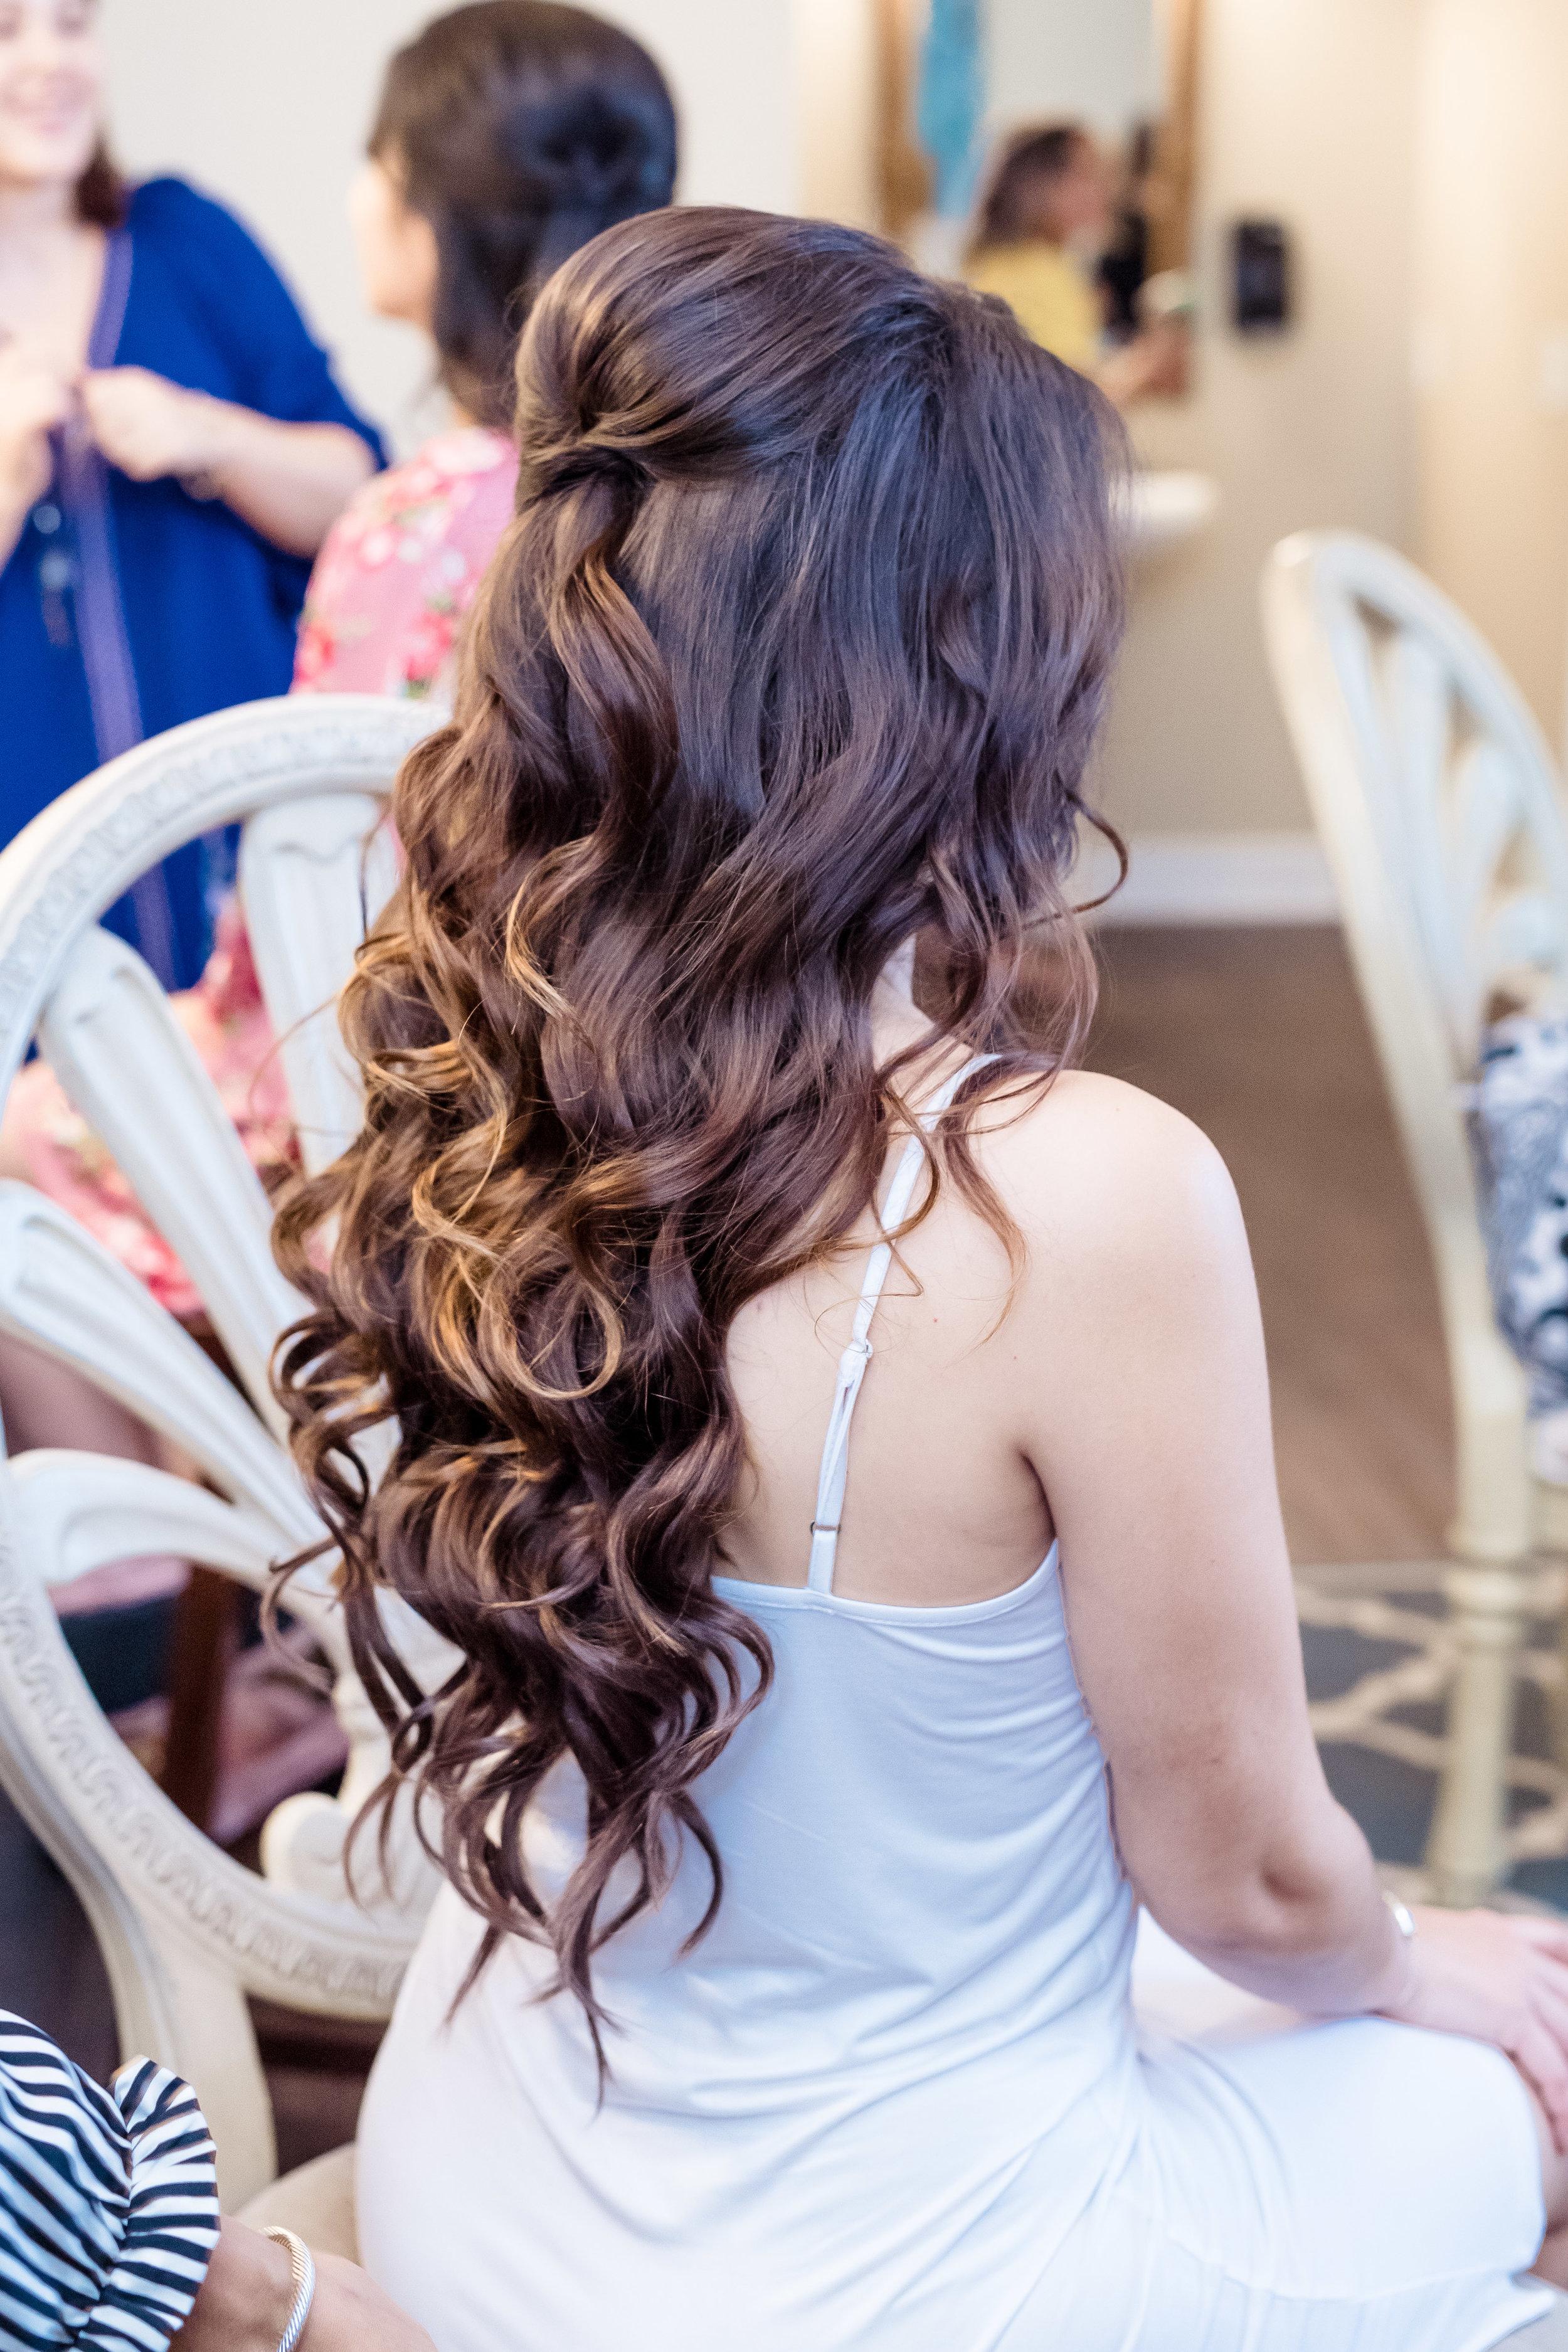 Bridal Hair - Done by Rosie